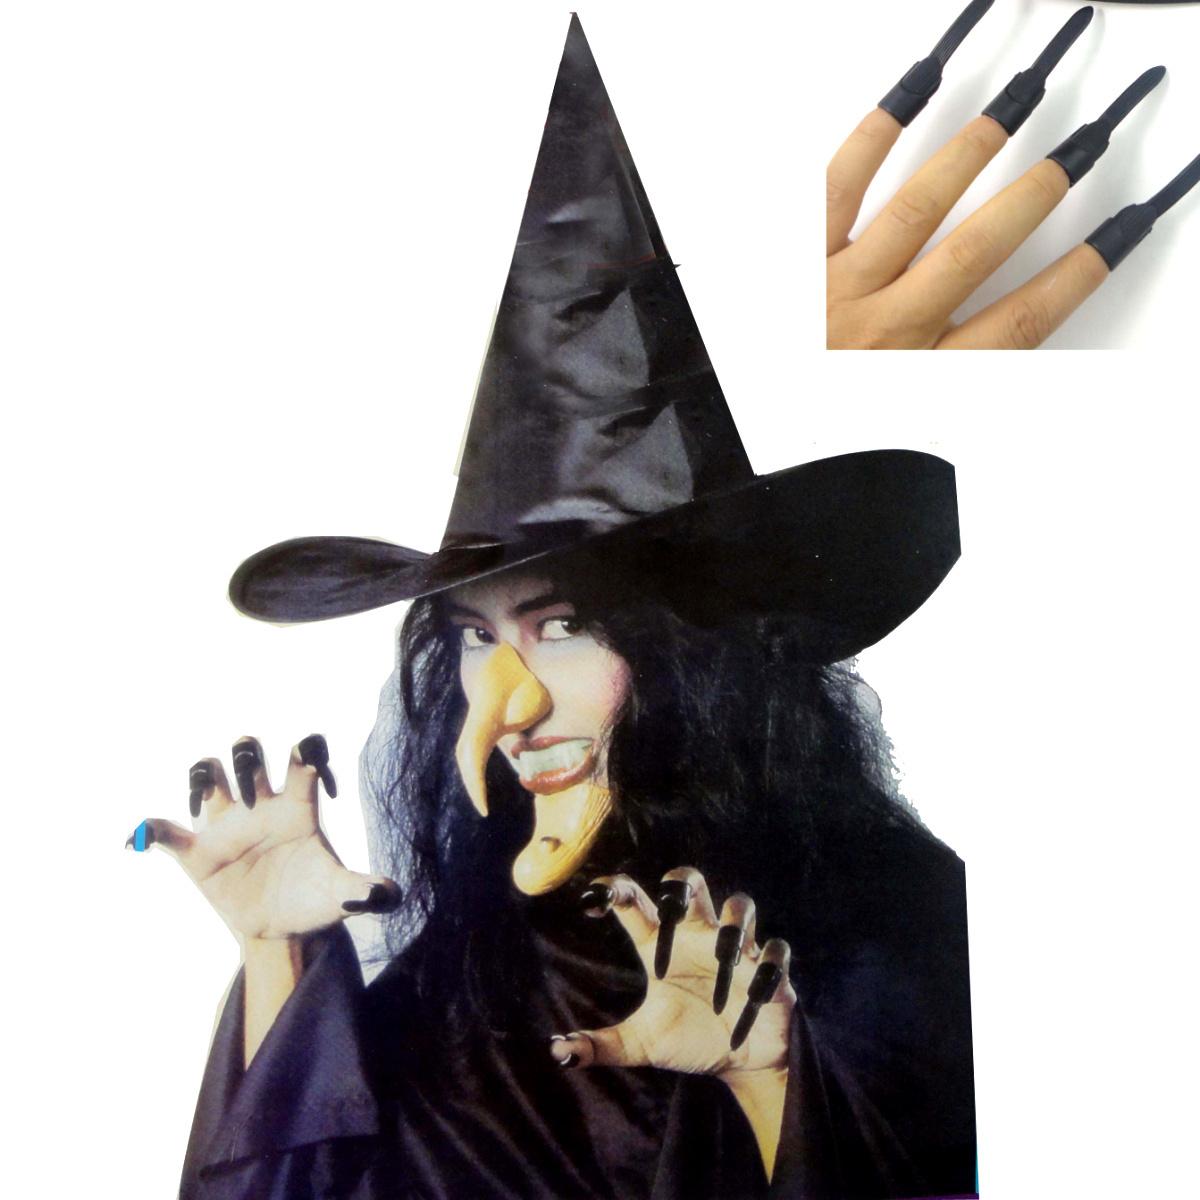 千奇坊愚人节整人万圣节服装道具 巫婆帽子 假牙指甲鼻子下巴组合